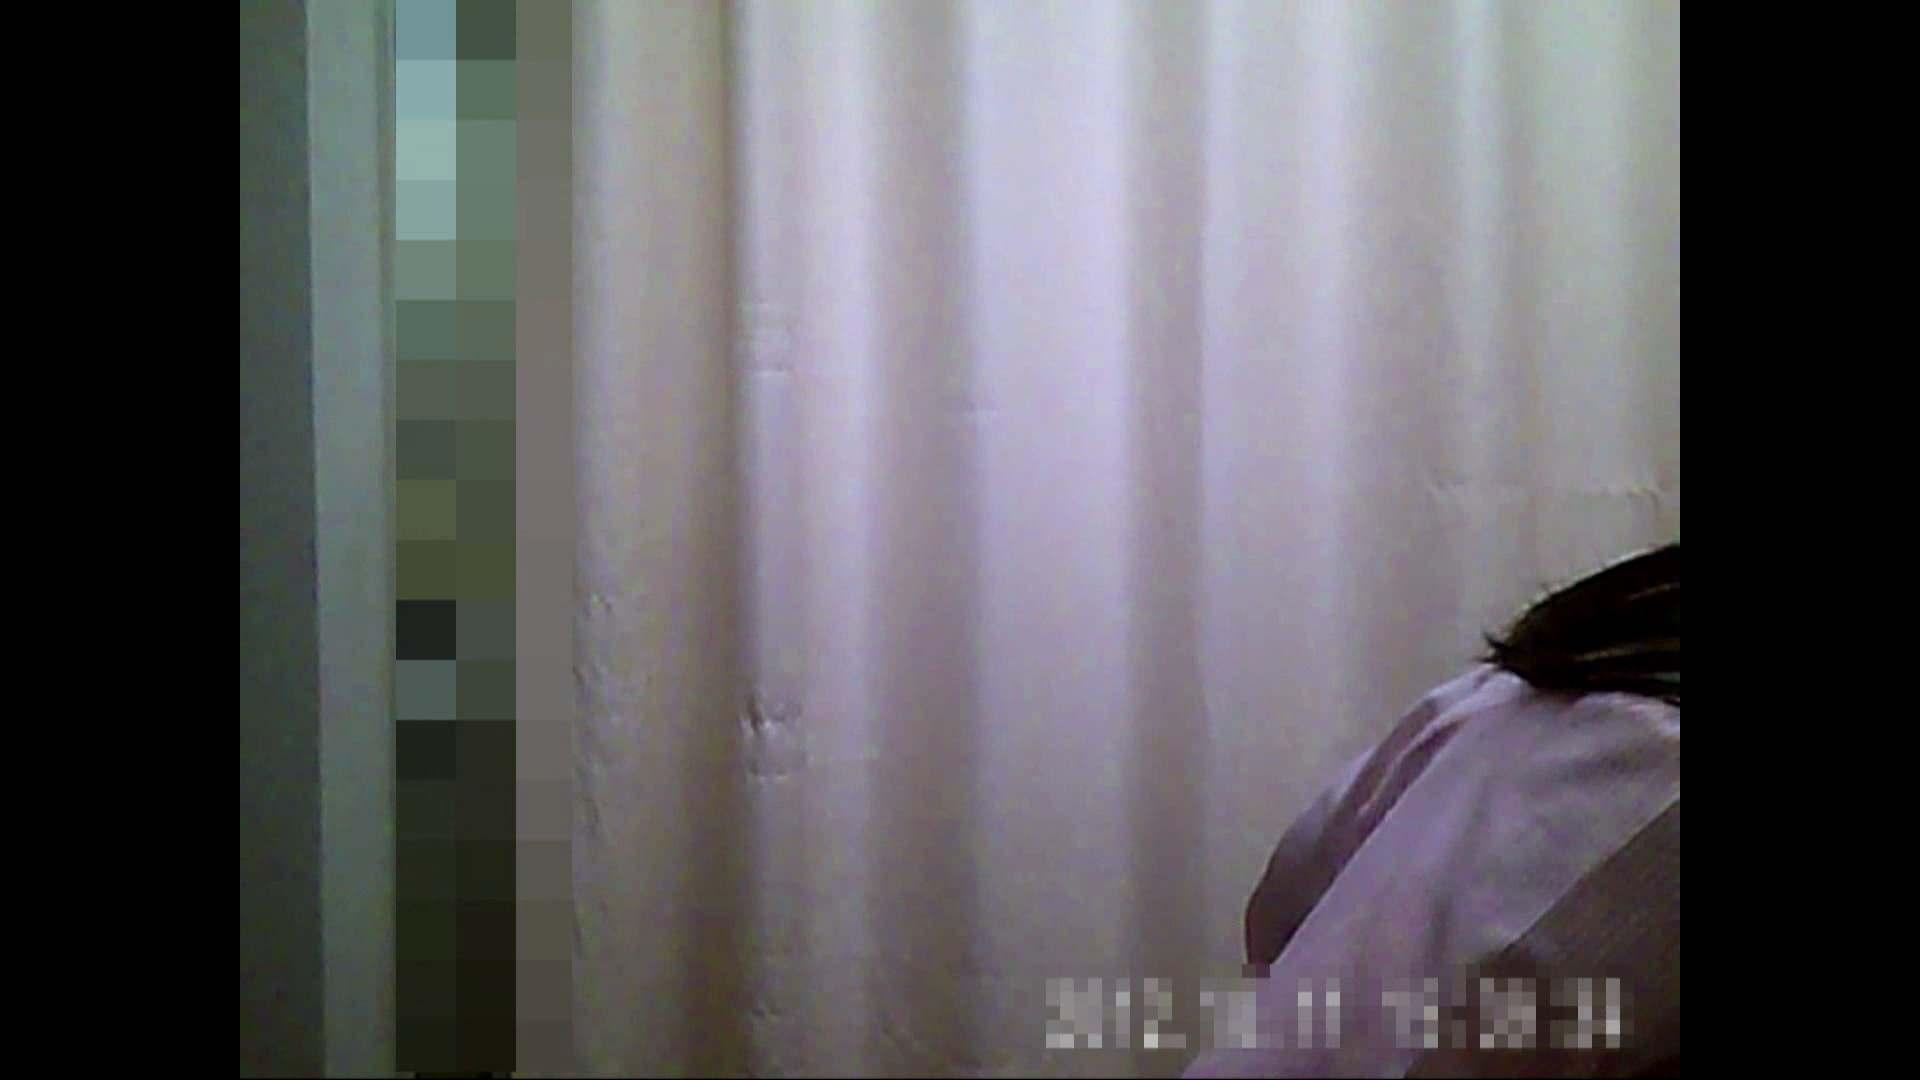 病院おもいっきり着替え! vol.234 乳首ポロリ 隠し撮りオマンコ動画紹介 104画像 82